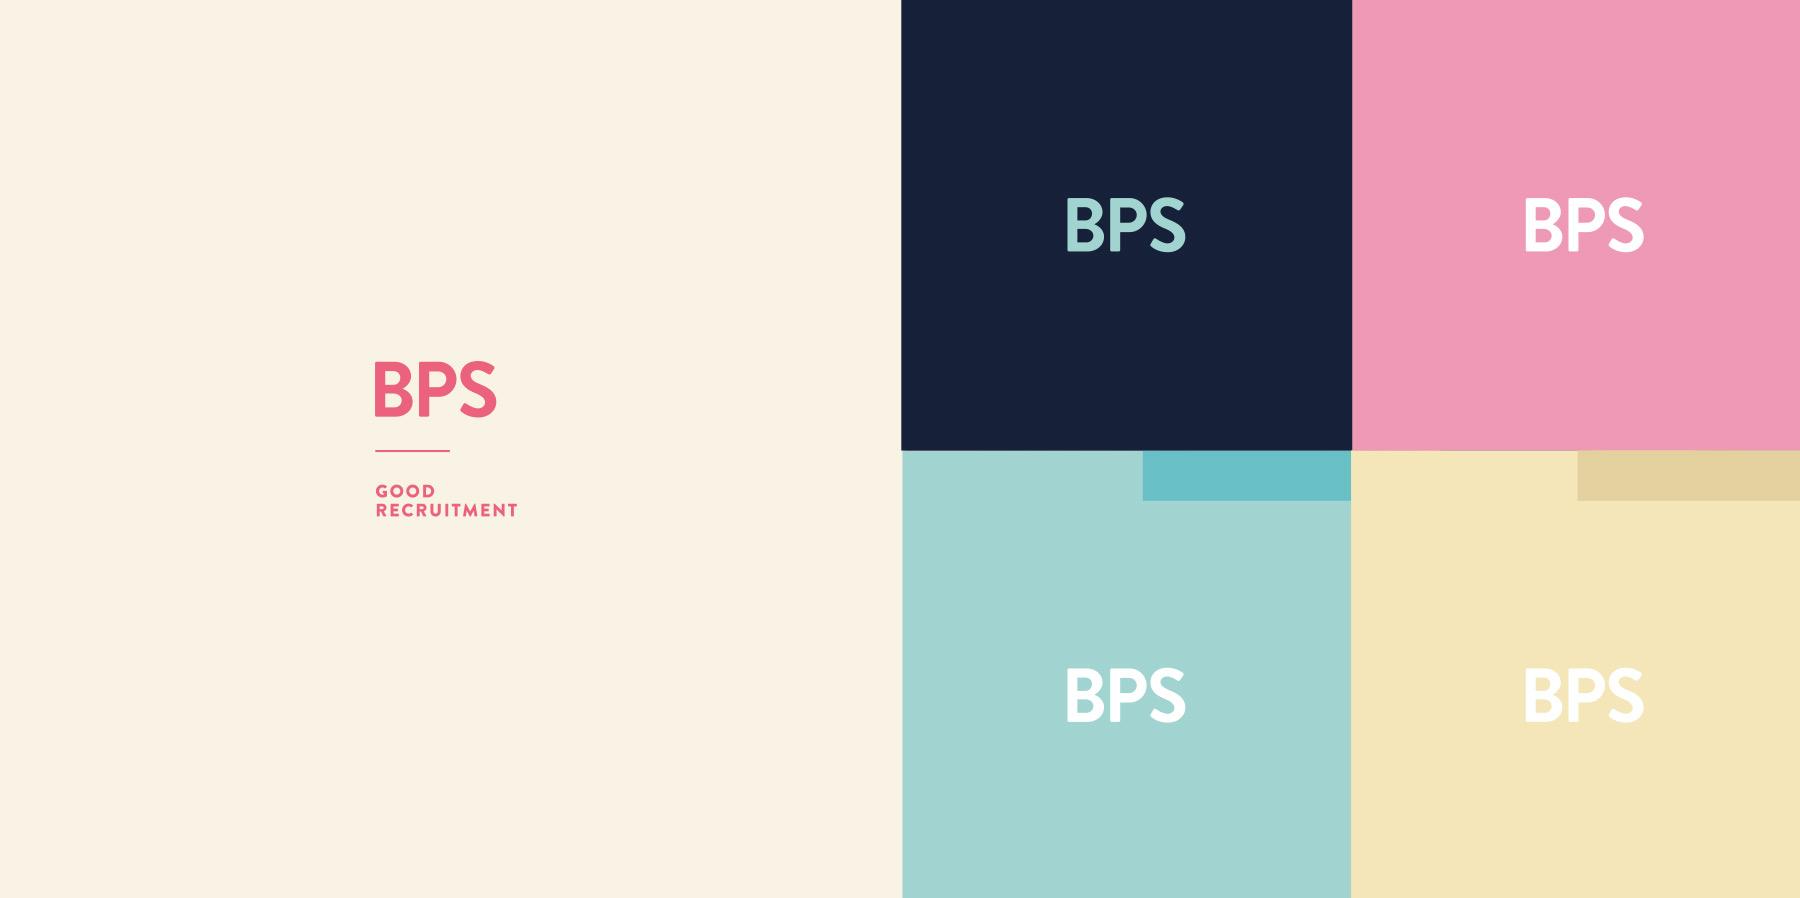 BPS_2